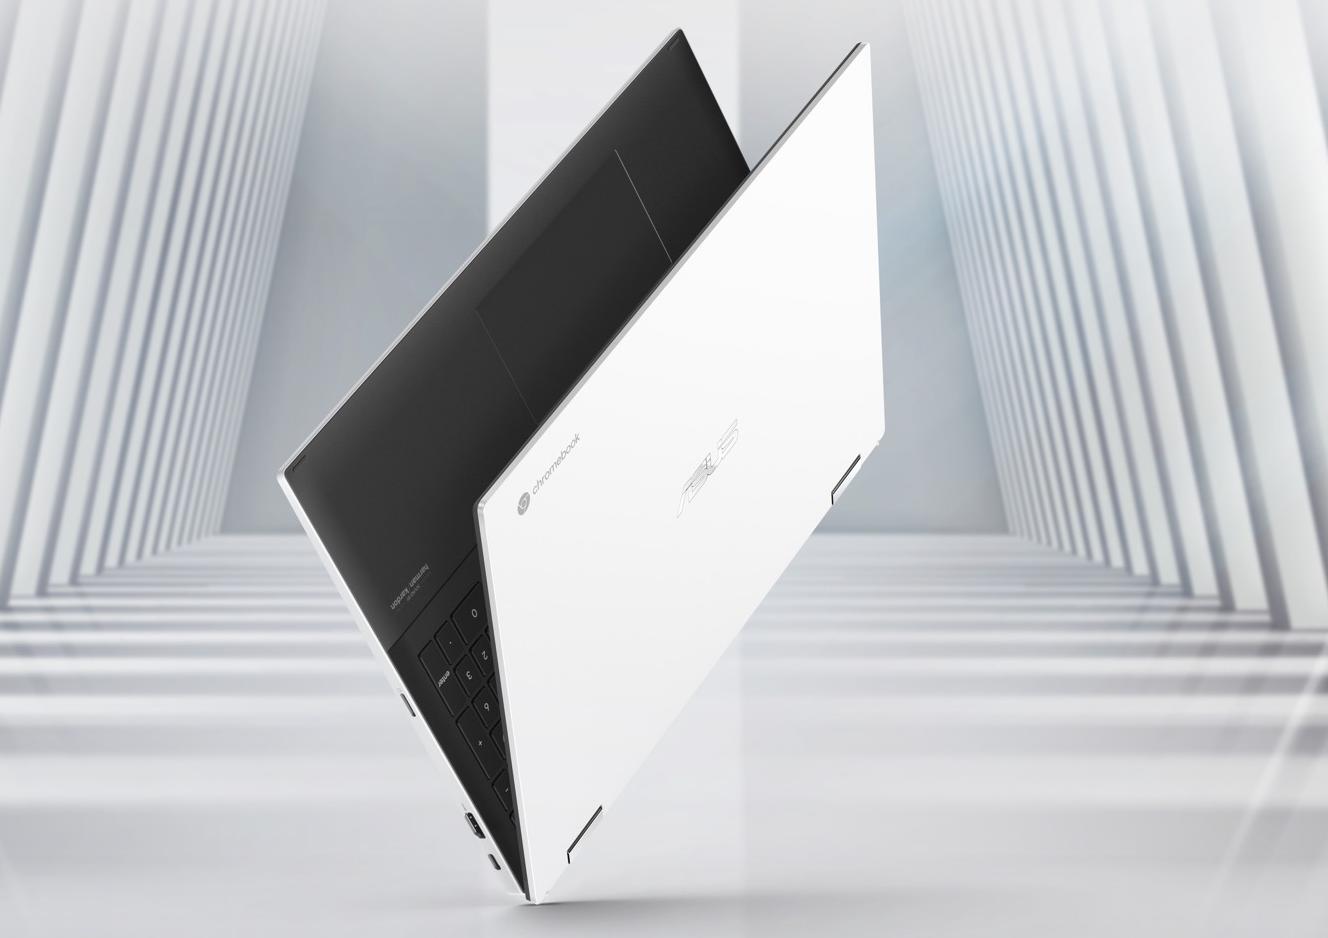 ASUS Chromebook Flip CX5 Design